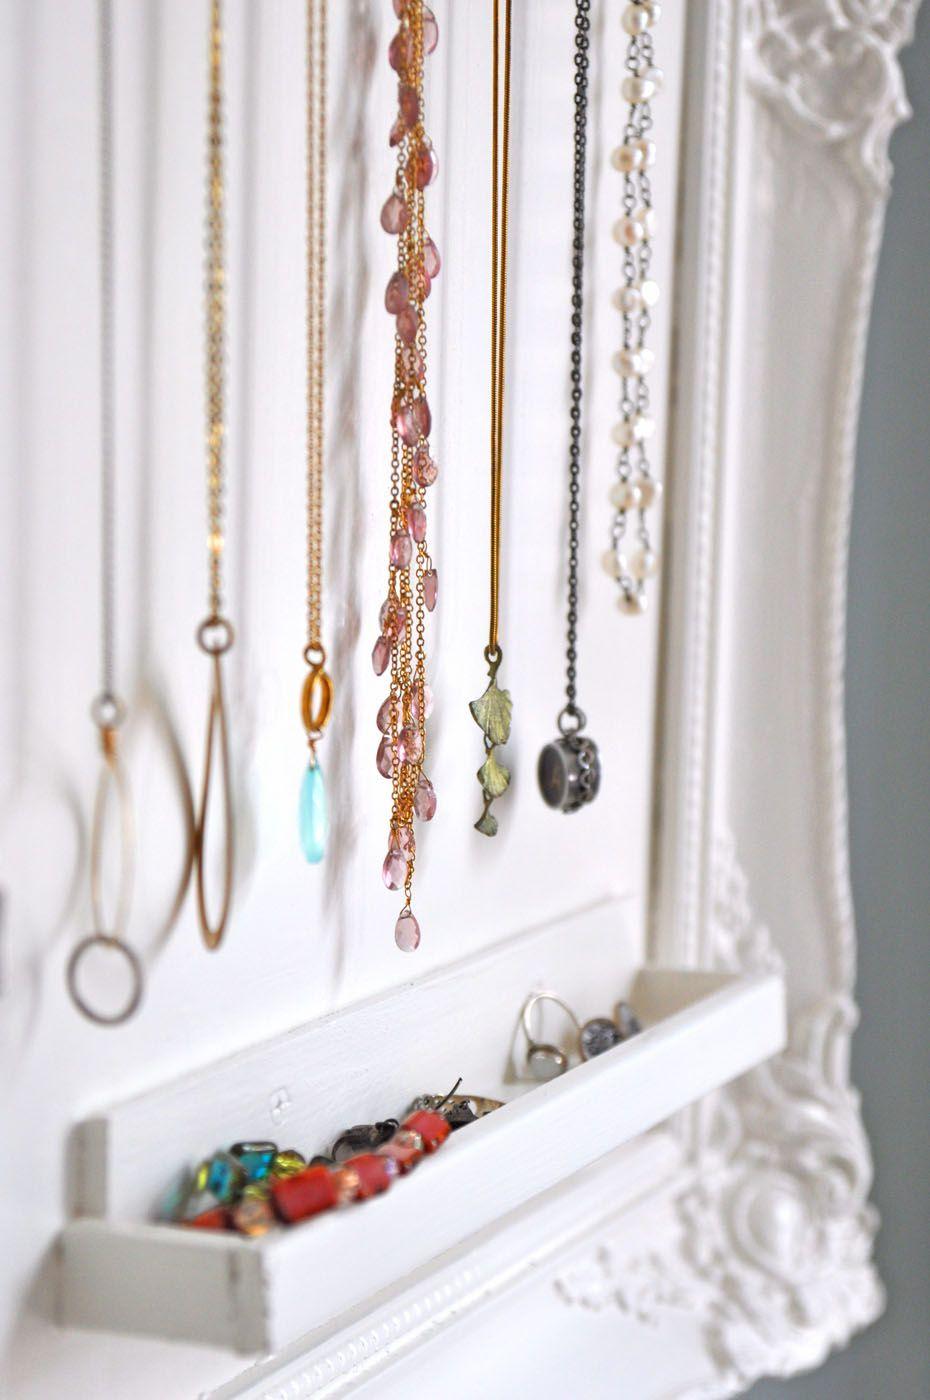 Do it yourself jewelry storage jewelry storage storage ideas diy jewelry organizer solutioingenieria Choice Image